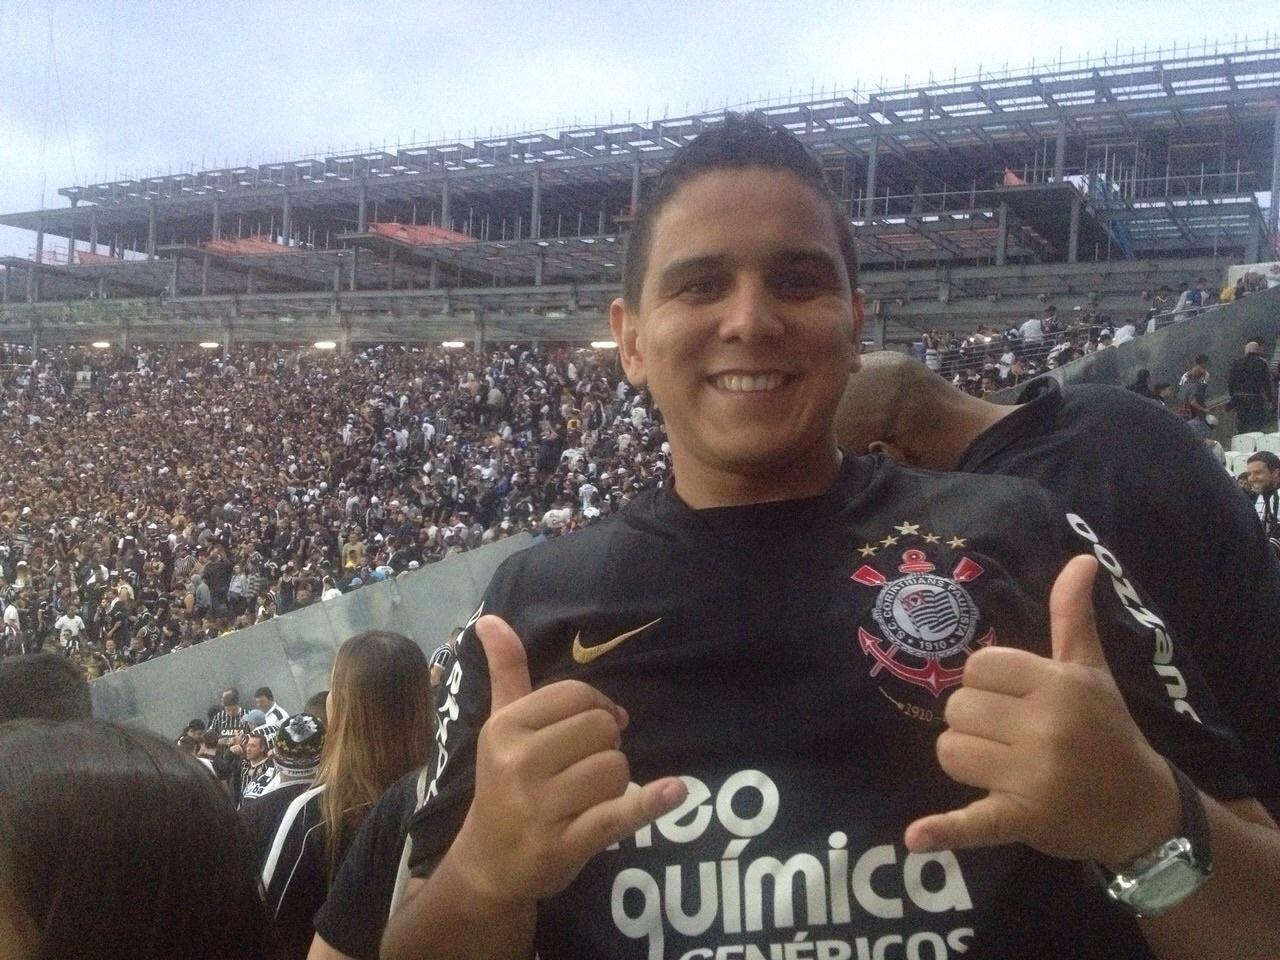 Torcedor do Corinthians posa para foto no clássico contra o São Paulo. Ao fundo, torcida lota o estádio